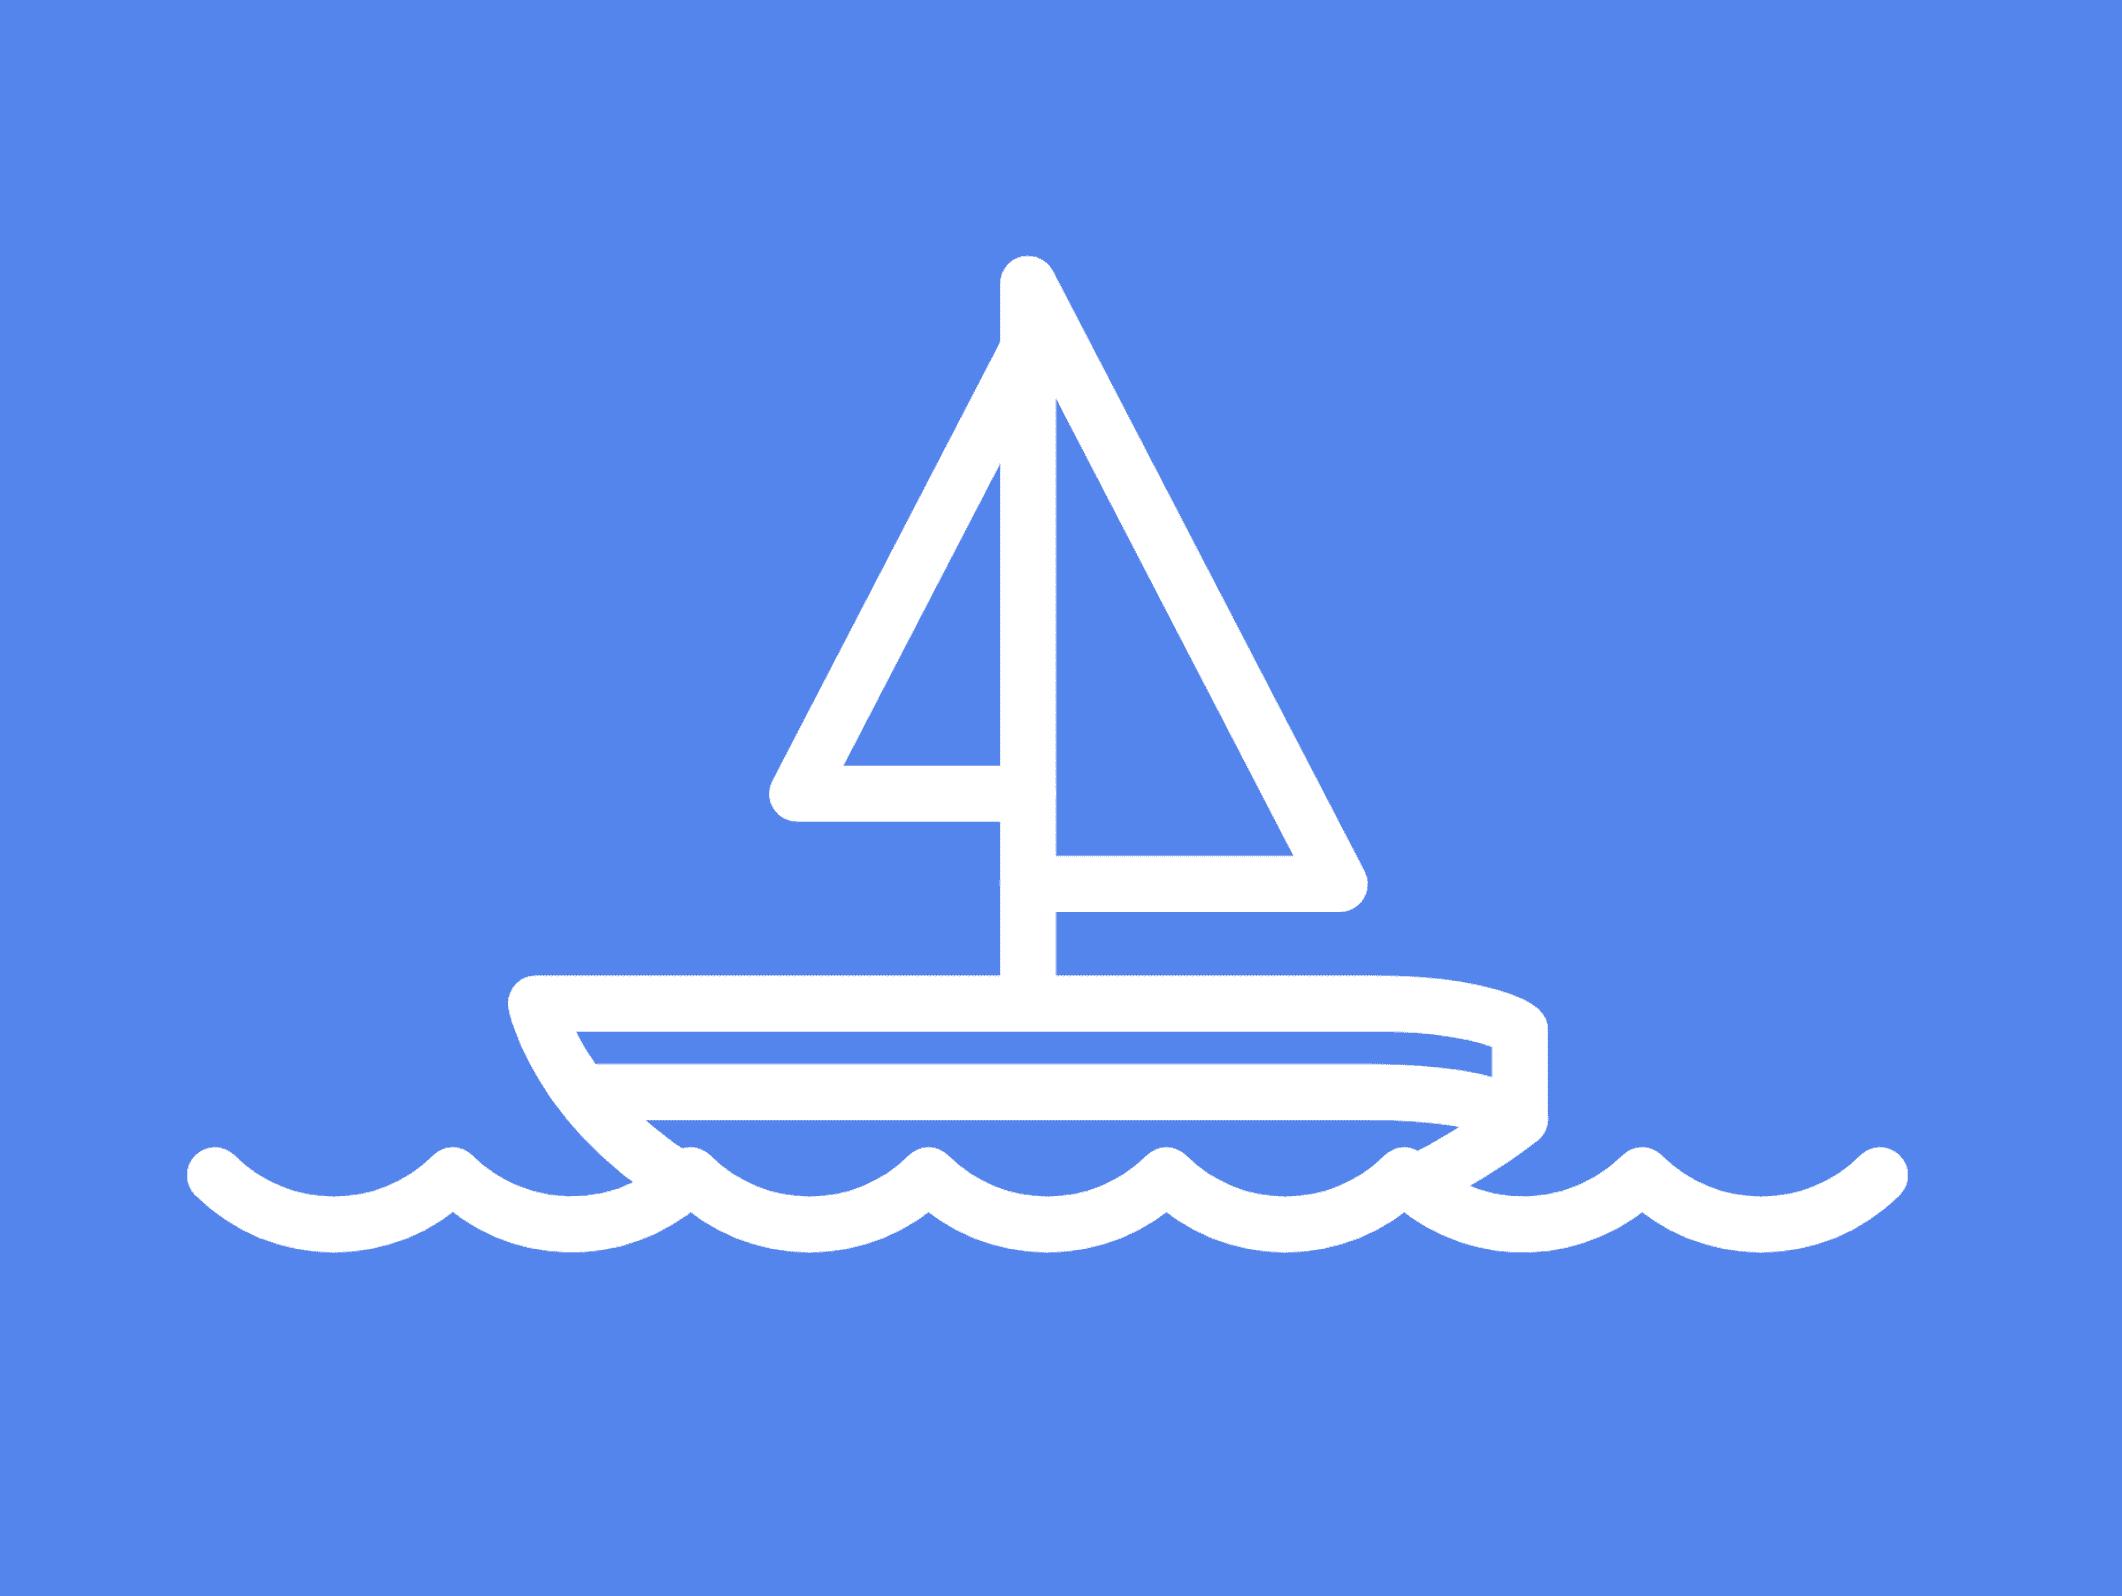 백기선 프로필